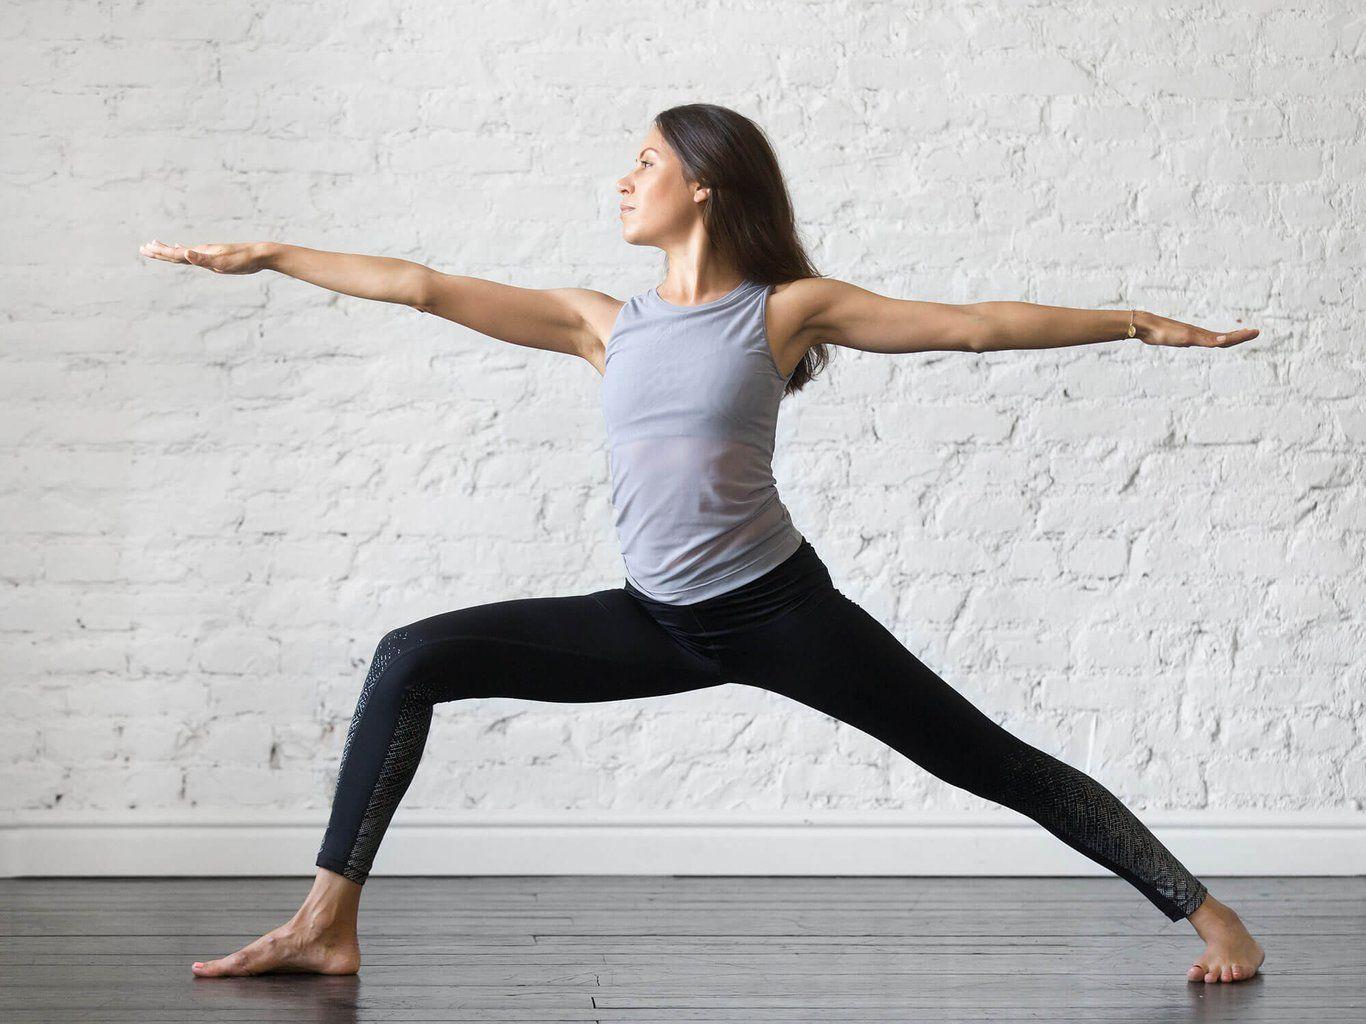 Yoga-Übungen für Einsteiger und Fortgeschrittene | Yoga ...